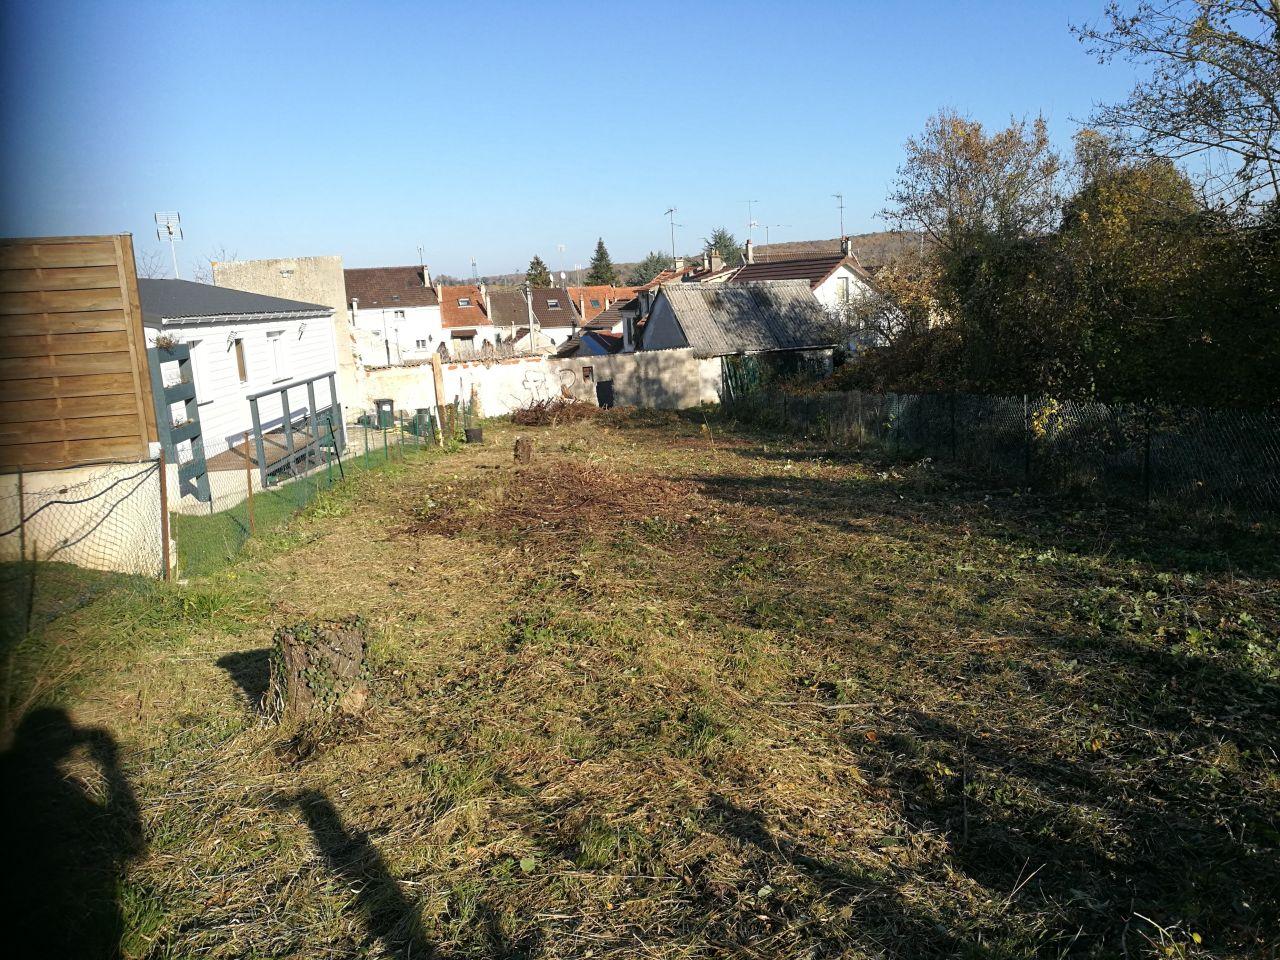 Déboisage et débroussaillage du terrain, nettoyage et enlèvement des déchets verts